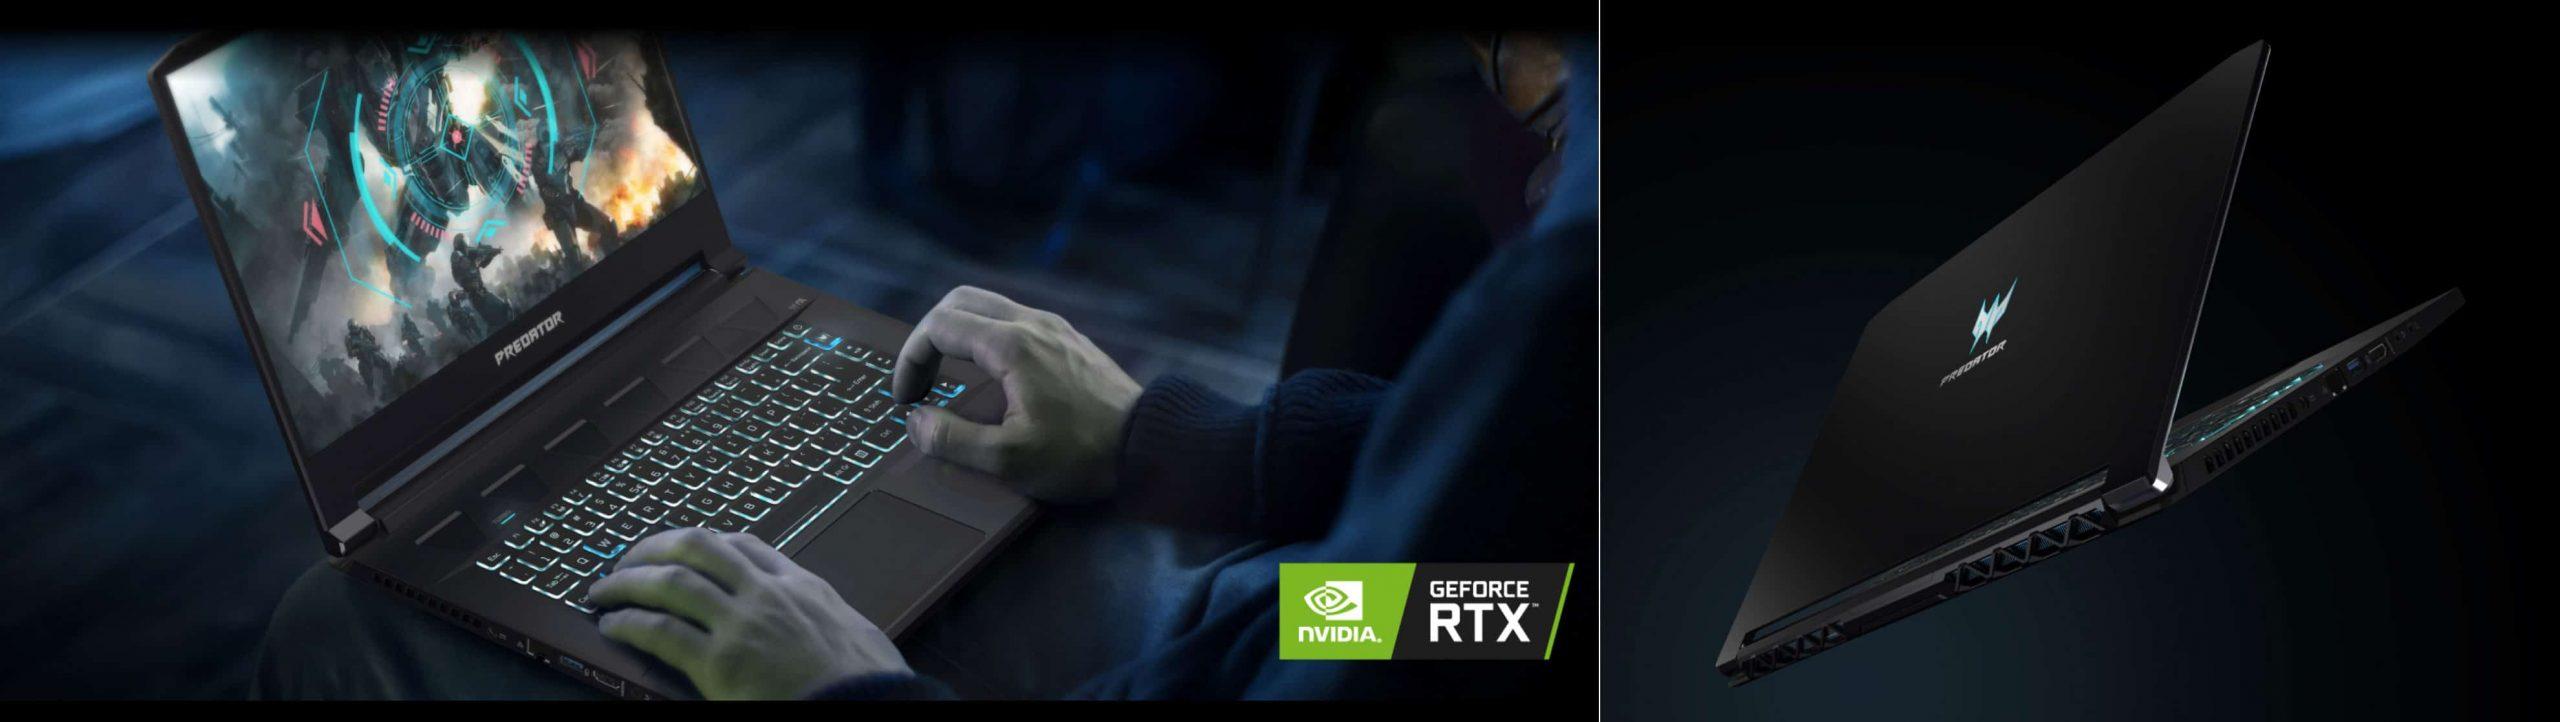 Acer Predator Triton 500 - the value model